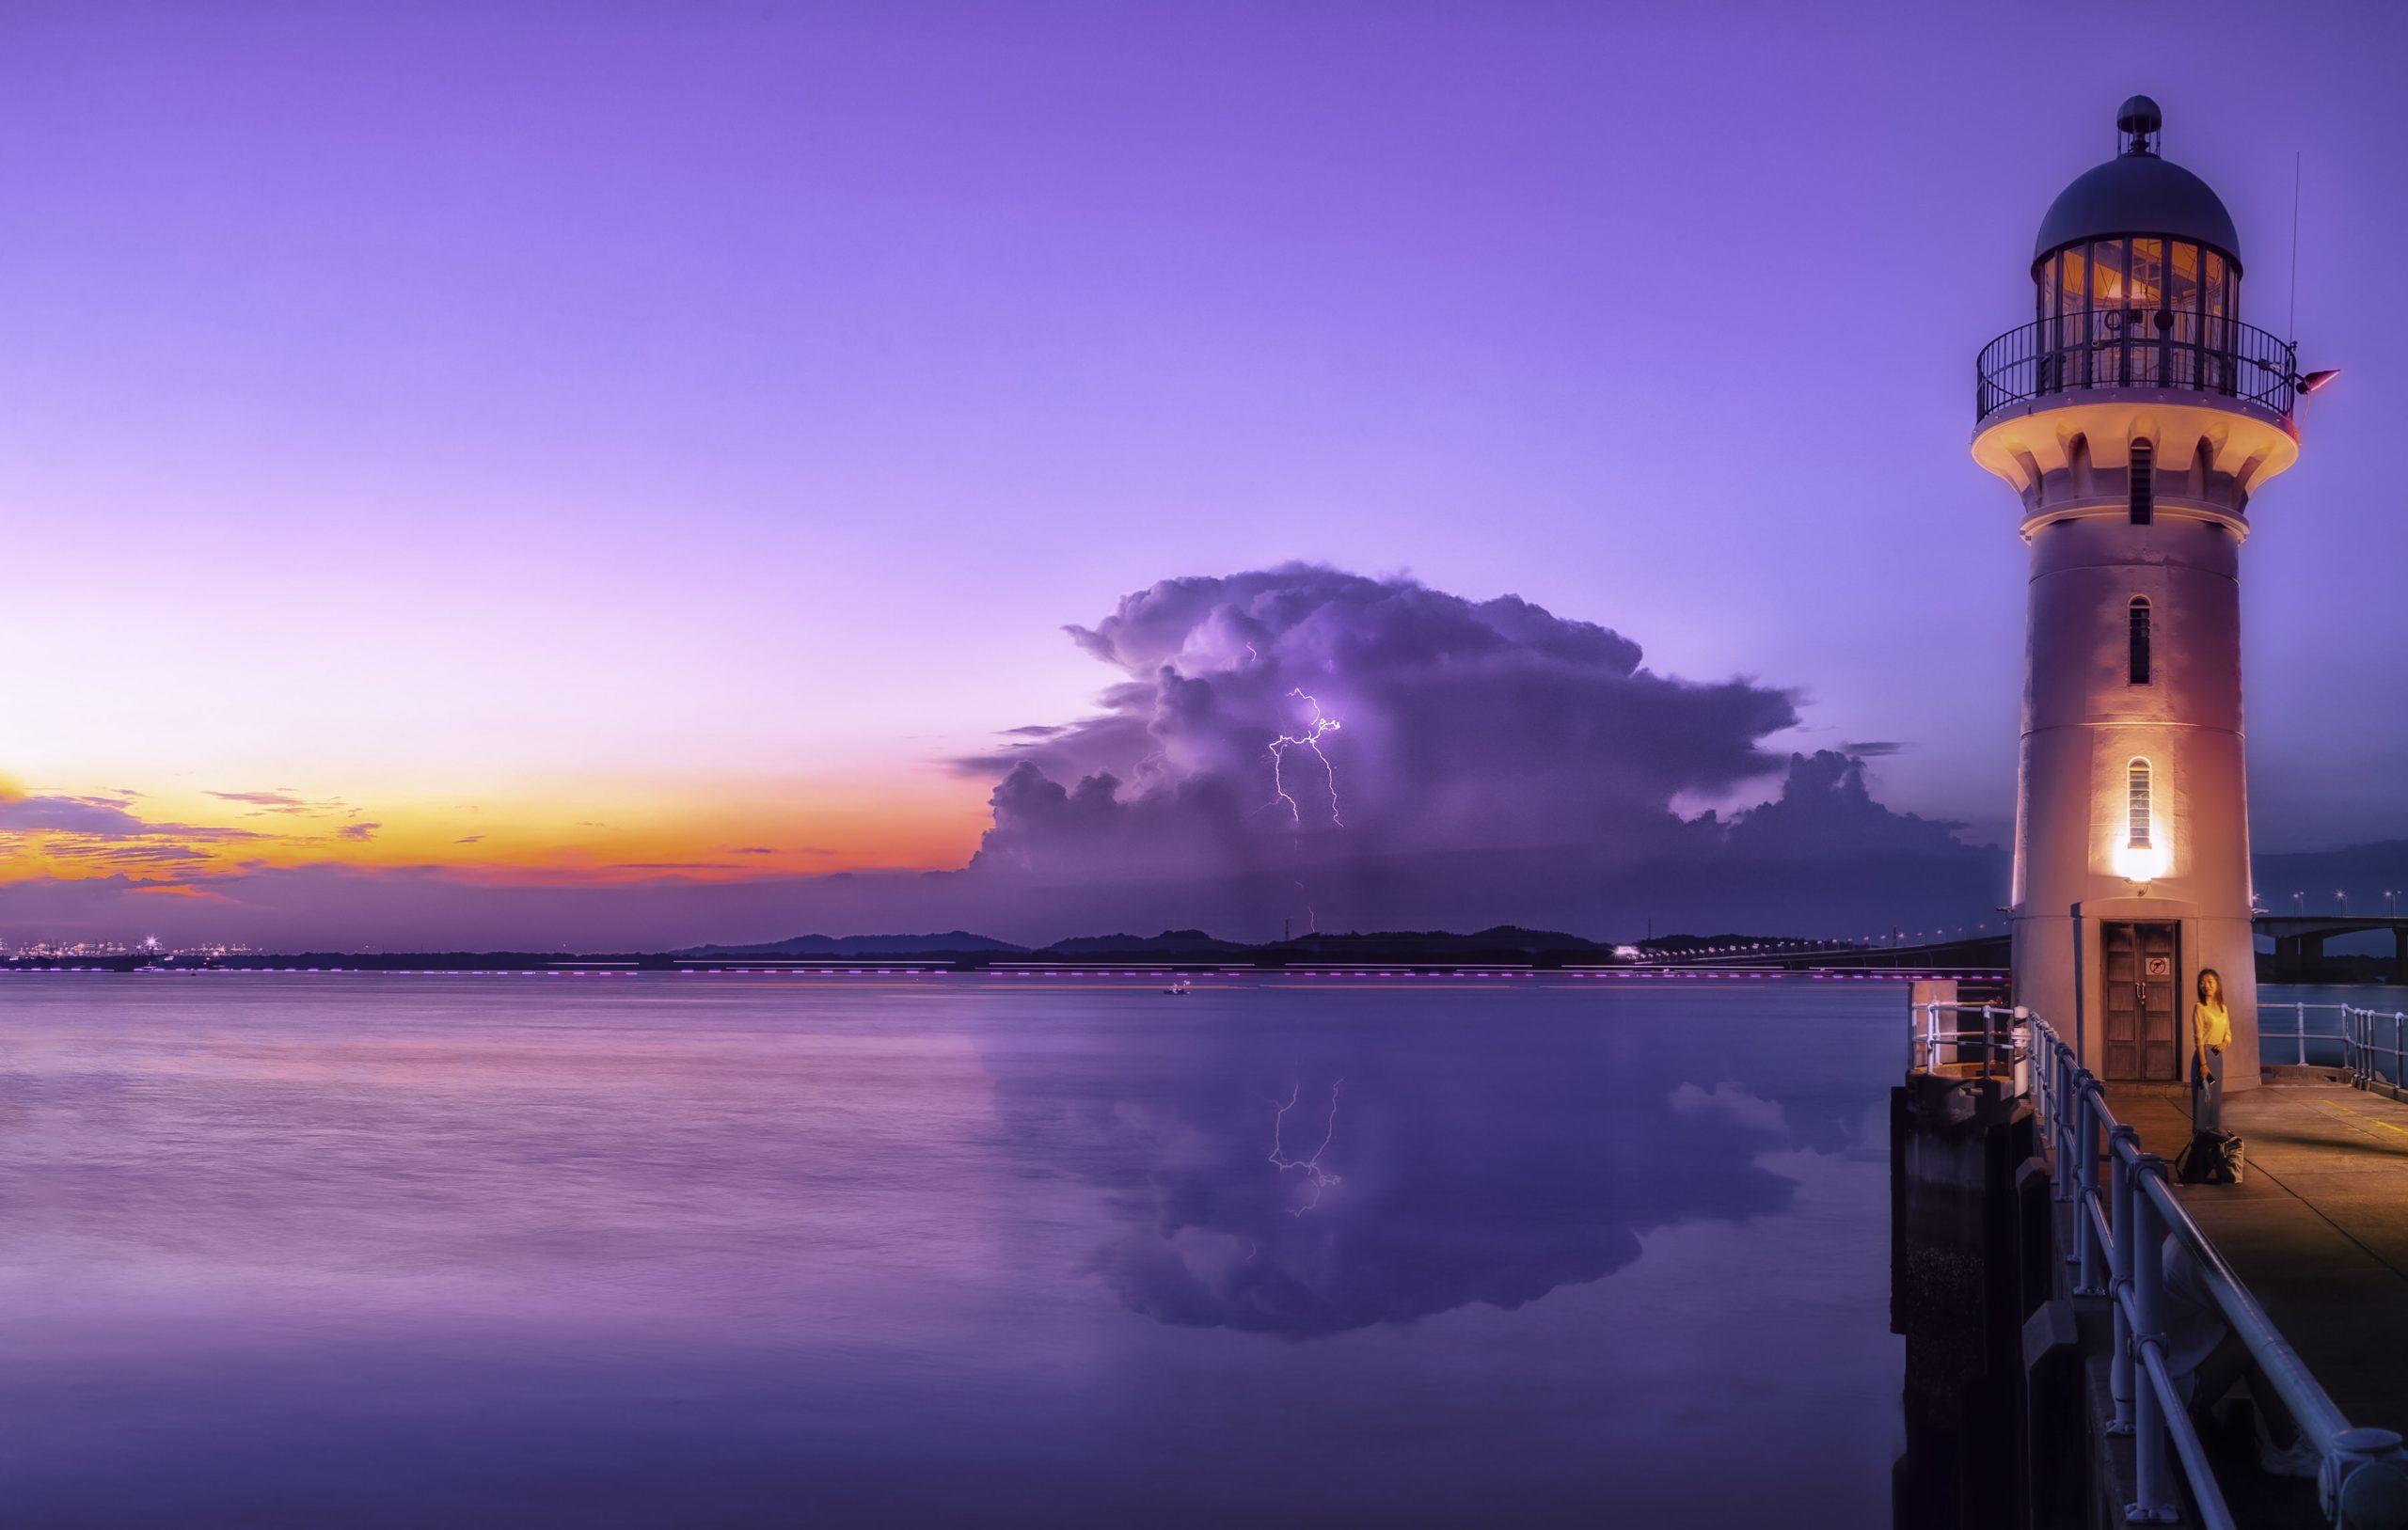 Dusk with lightning Surprise. Raffles Marina. Singapore. NW